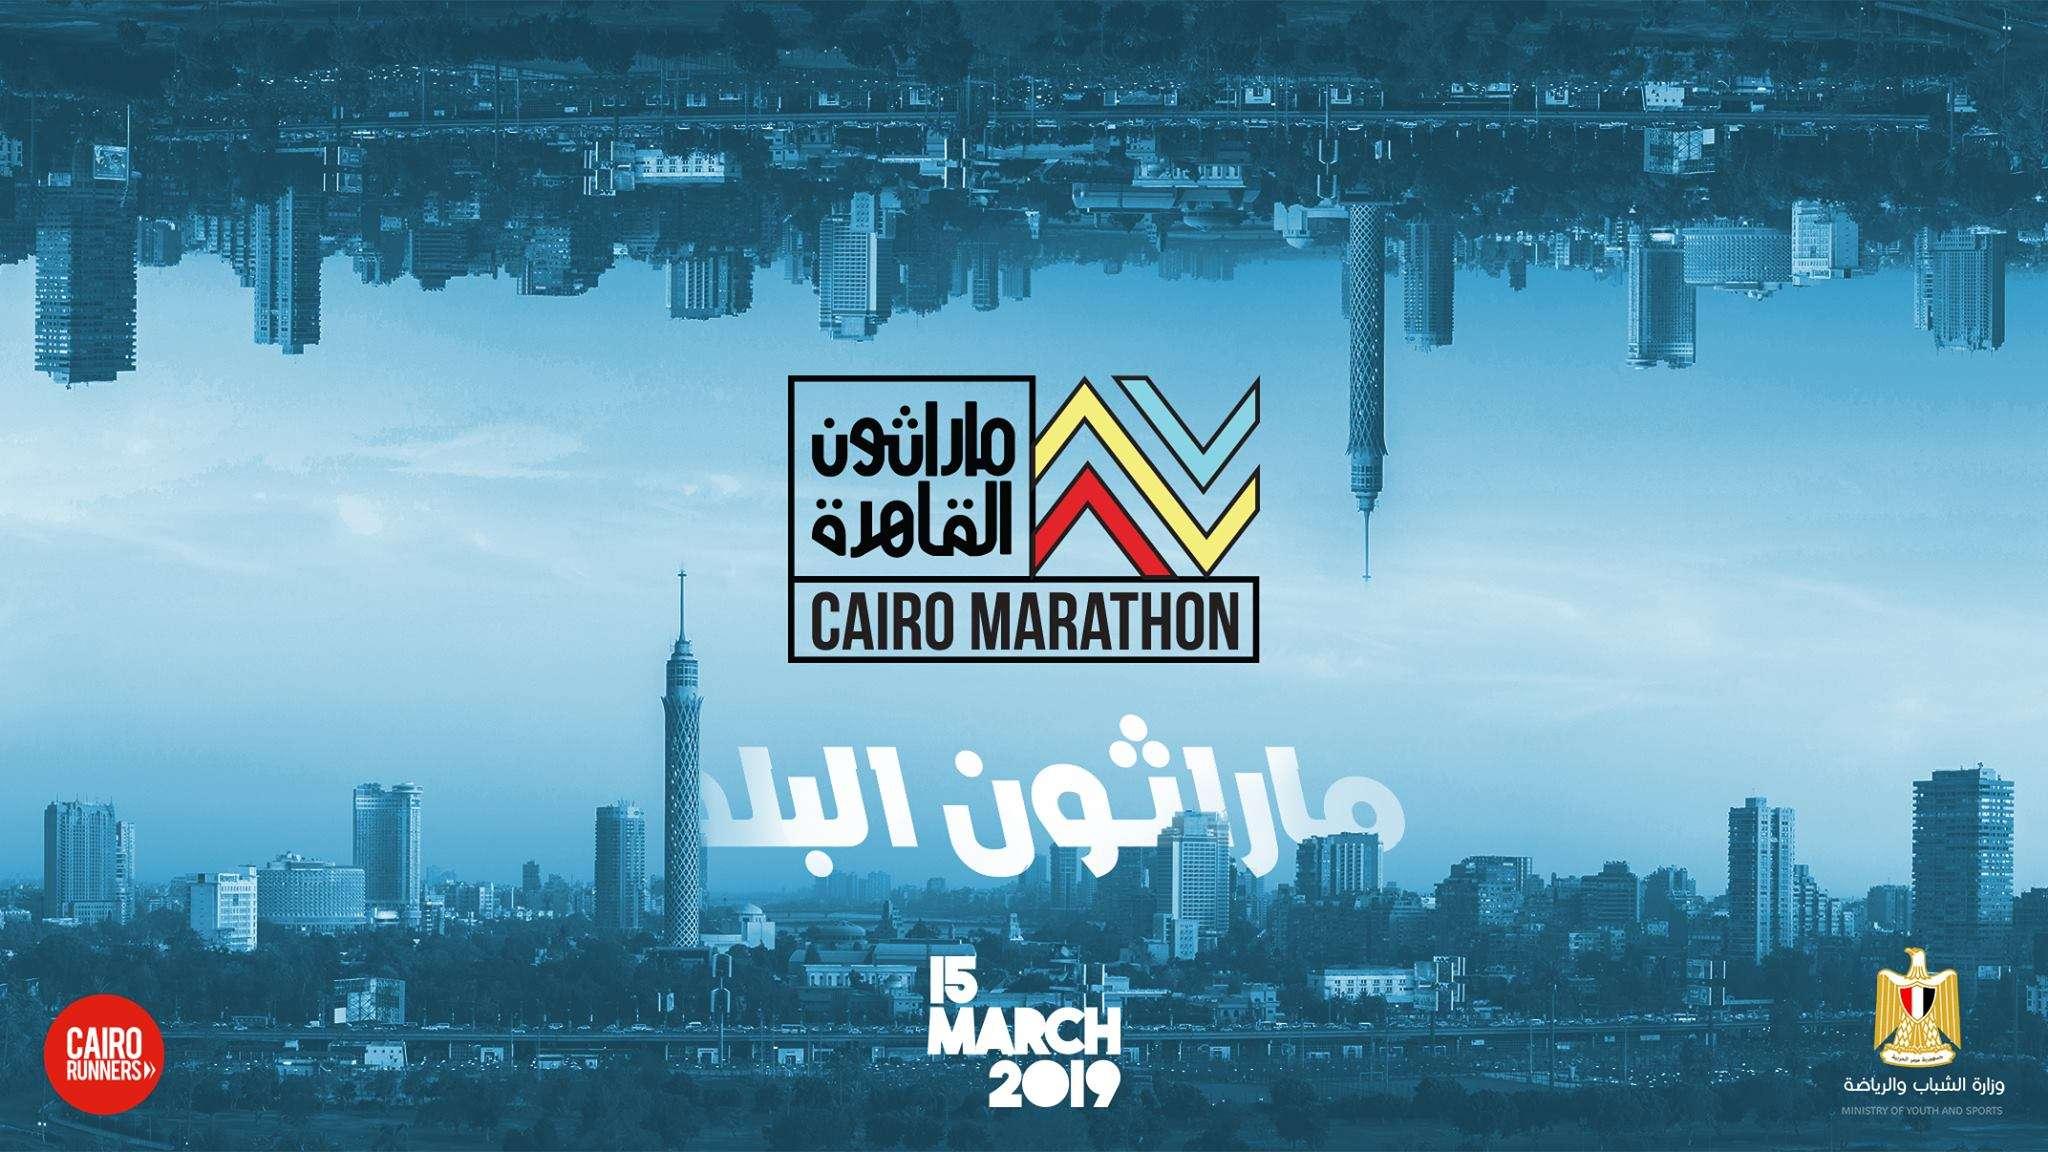 Cairo Marathon 2019